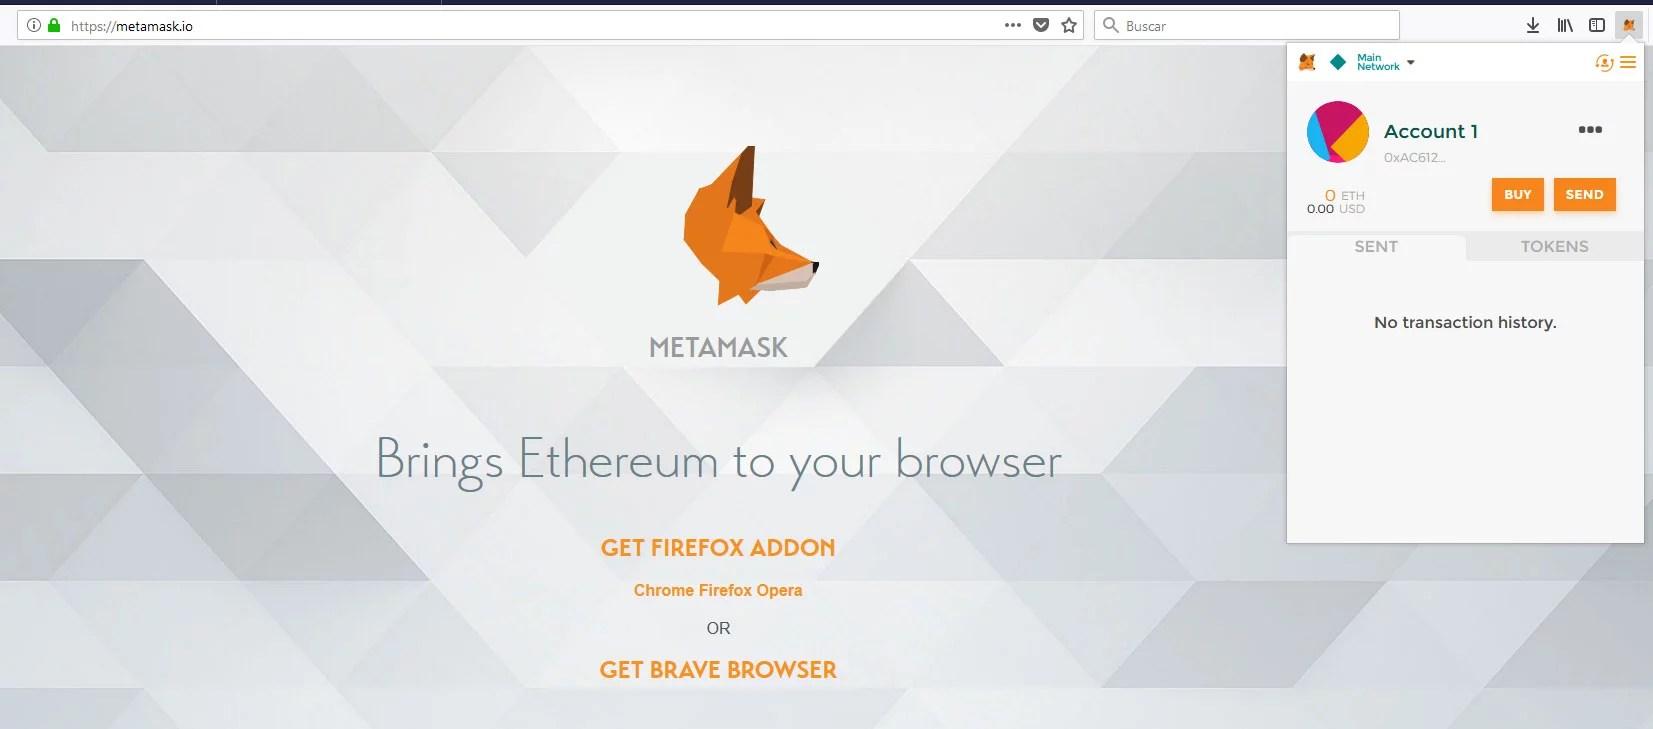 Cuenta activa de metamask